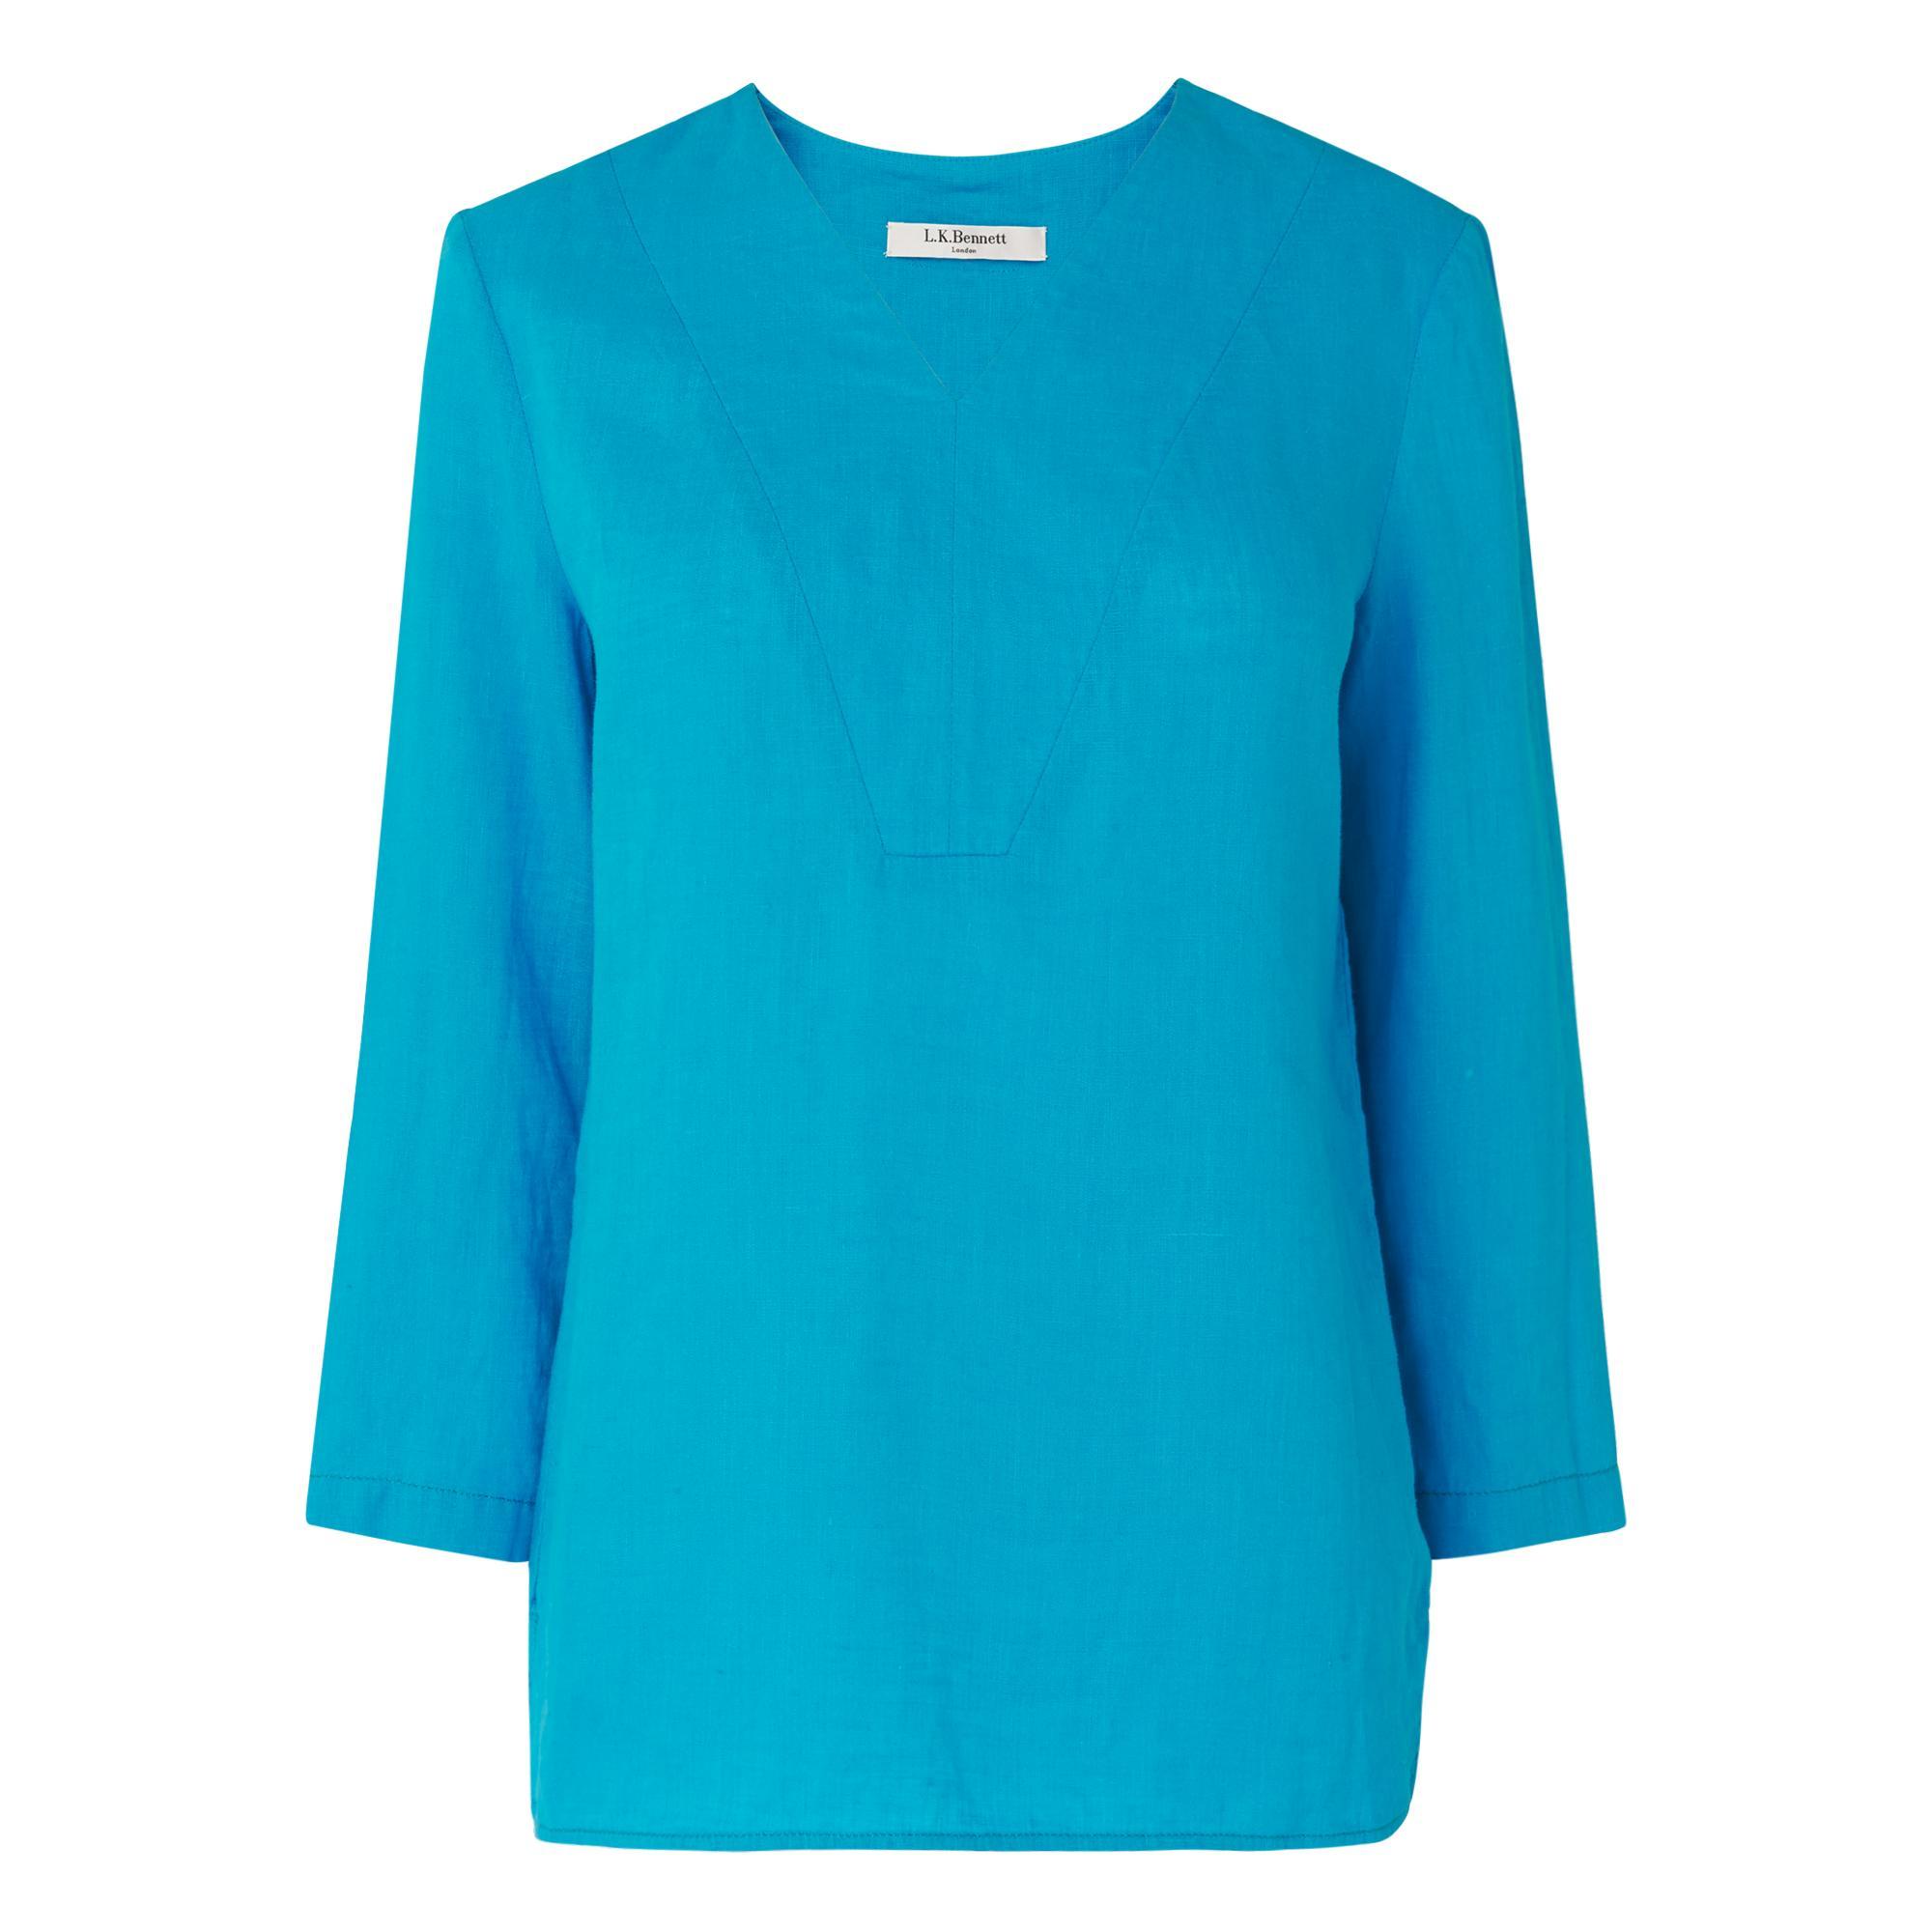 Alania Blue Linen Woven Top